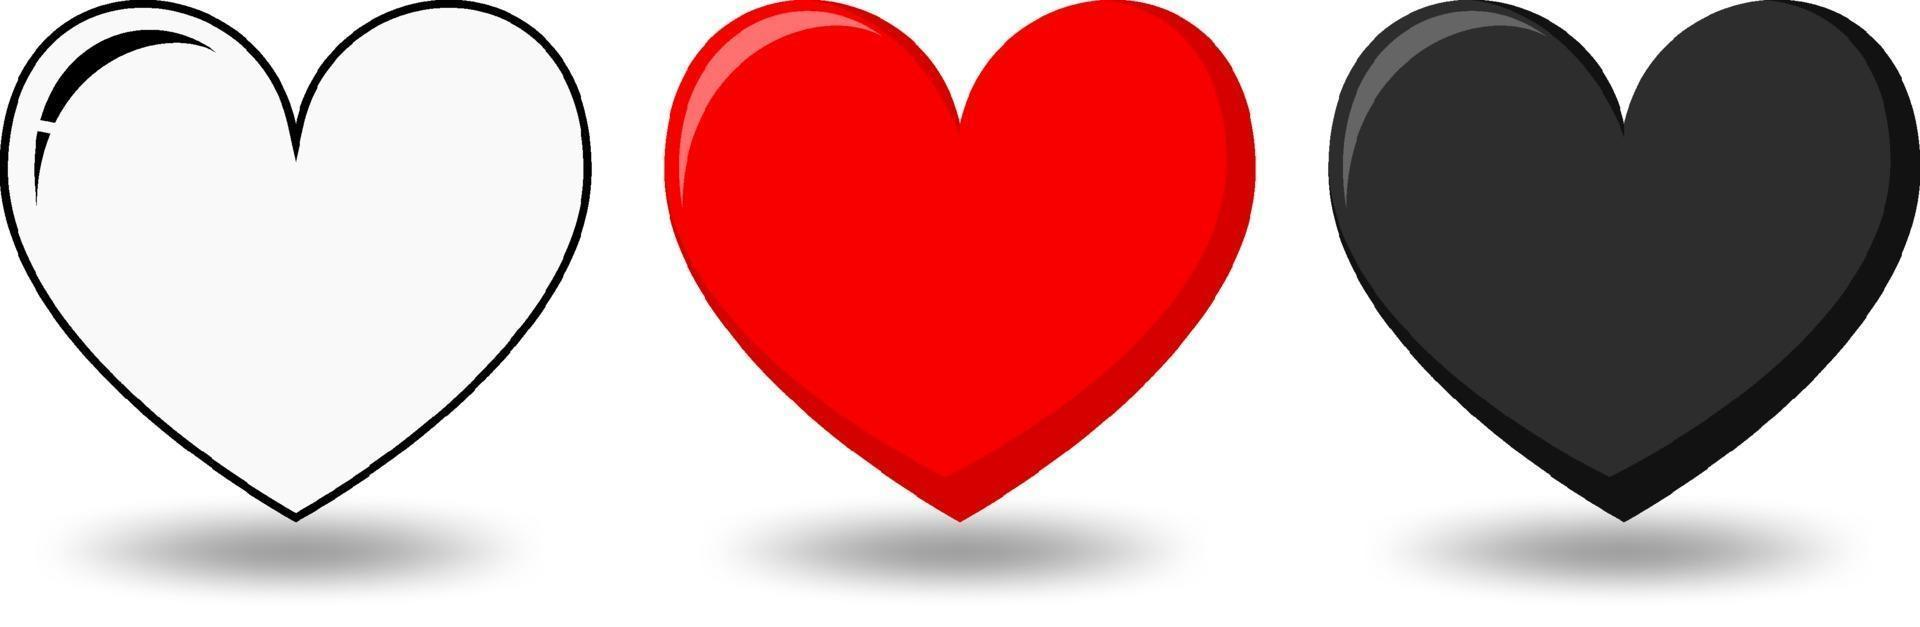 Satz von verschiedenen Formen des Herzens vektor